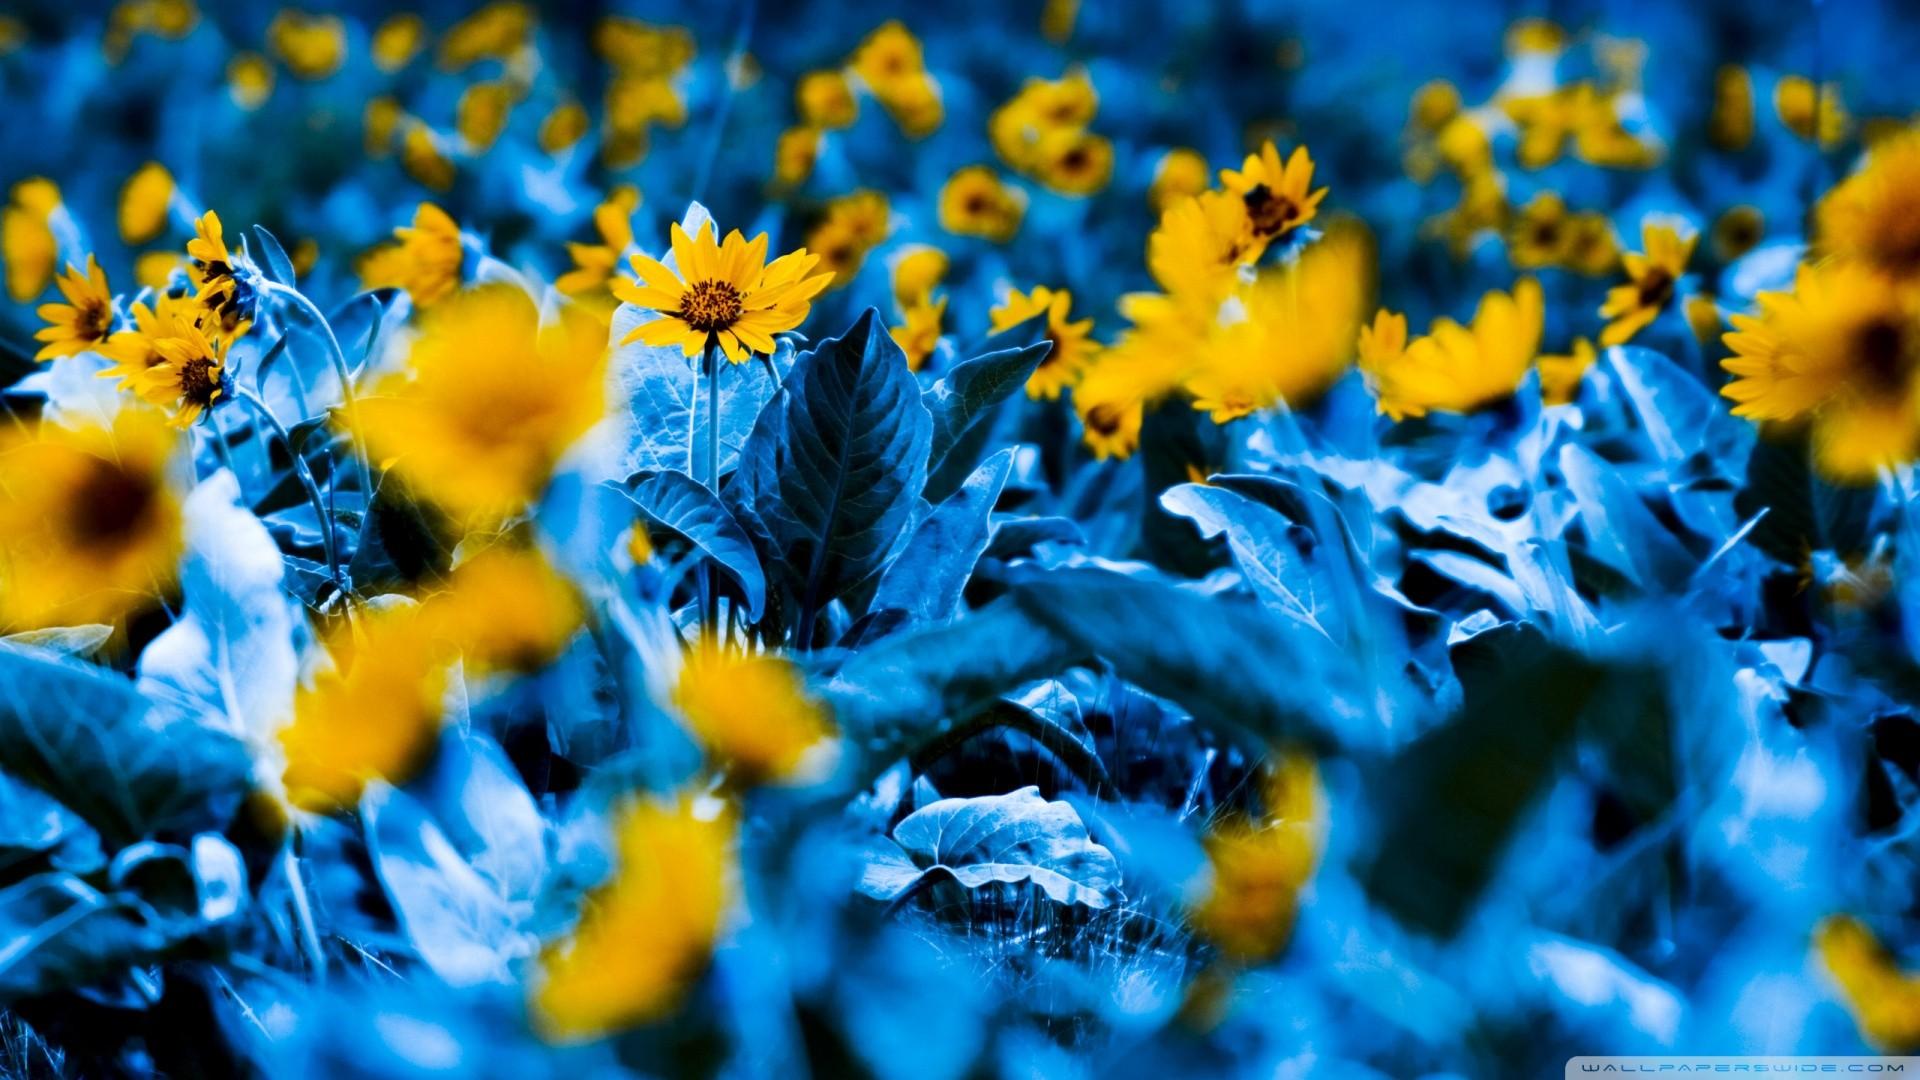 прическа картинки желтые цветы на синем фоне вам повезло